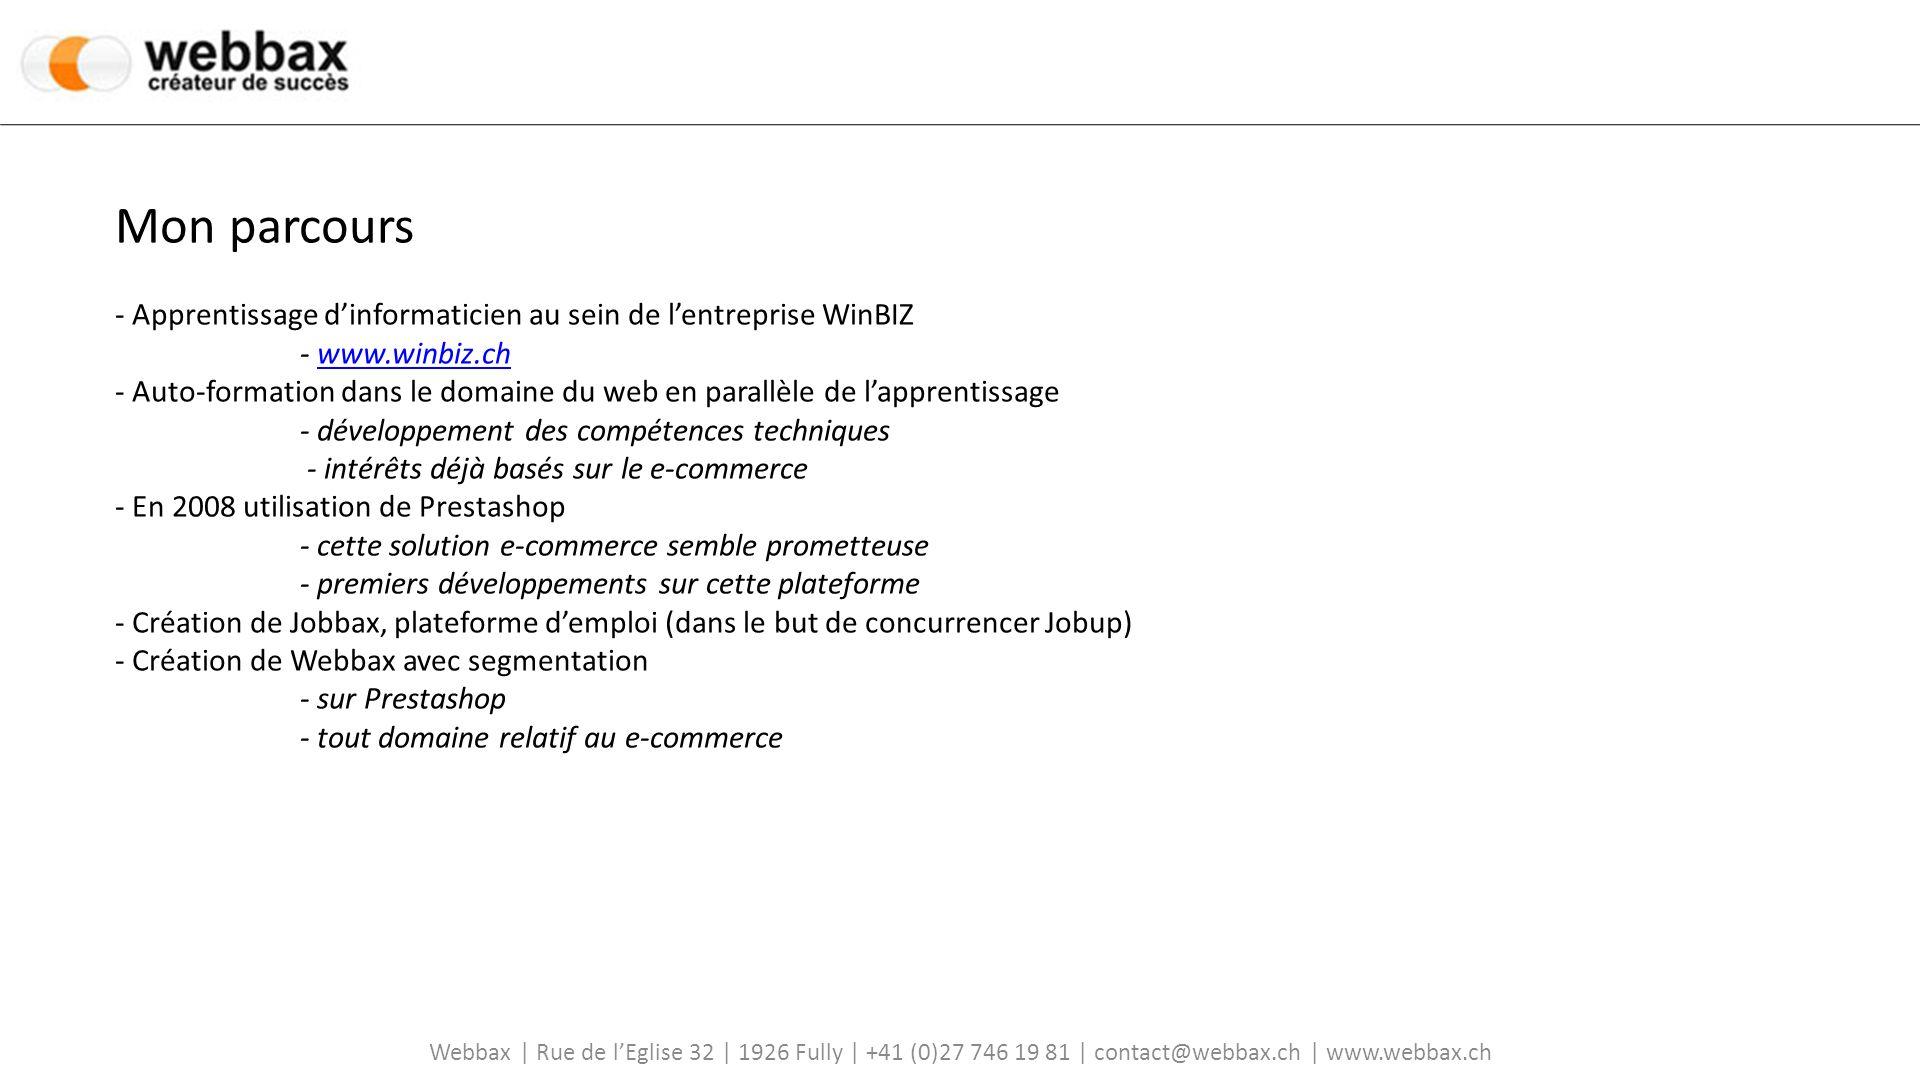 Webbax | Rue de lEglise 32 | 1926 Fully | +41 (0)27 746 19 81 | contact@webbax.ch | www.webbax.ch Mon parcours - Apprentissage dinformaticien au sein de lentreprise WinBIZ - www.winbiz.ch - Auto-formation dans le domaine du web en parallèle de lapprentissagewww.winbiz.ch - développement des compétences techniques - intérêts déjà basés sur le e-commerce - En 2008 utilisation de Prestashop - cette solution e-commerce semble prometteuse - premiers développements sur cette plateforme - Création de Jobbax, plateforme demploi (dans le but de concurrencer Jobup) - Création de Webbax avec segmentation - sur Prestashop - tout domaine relatif au e-commerce